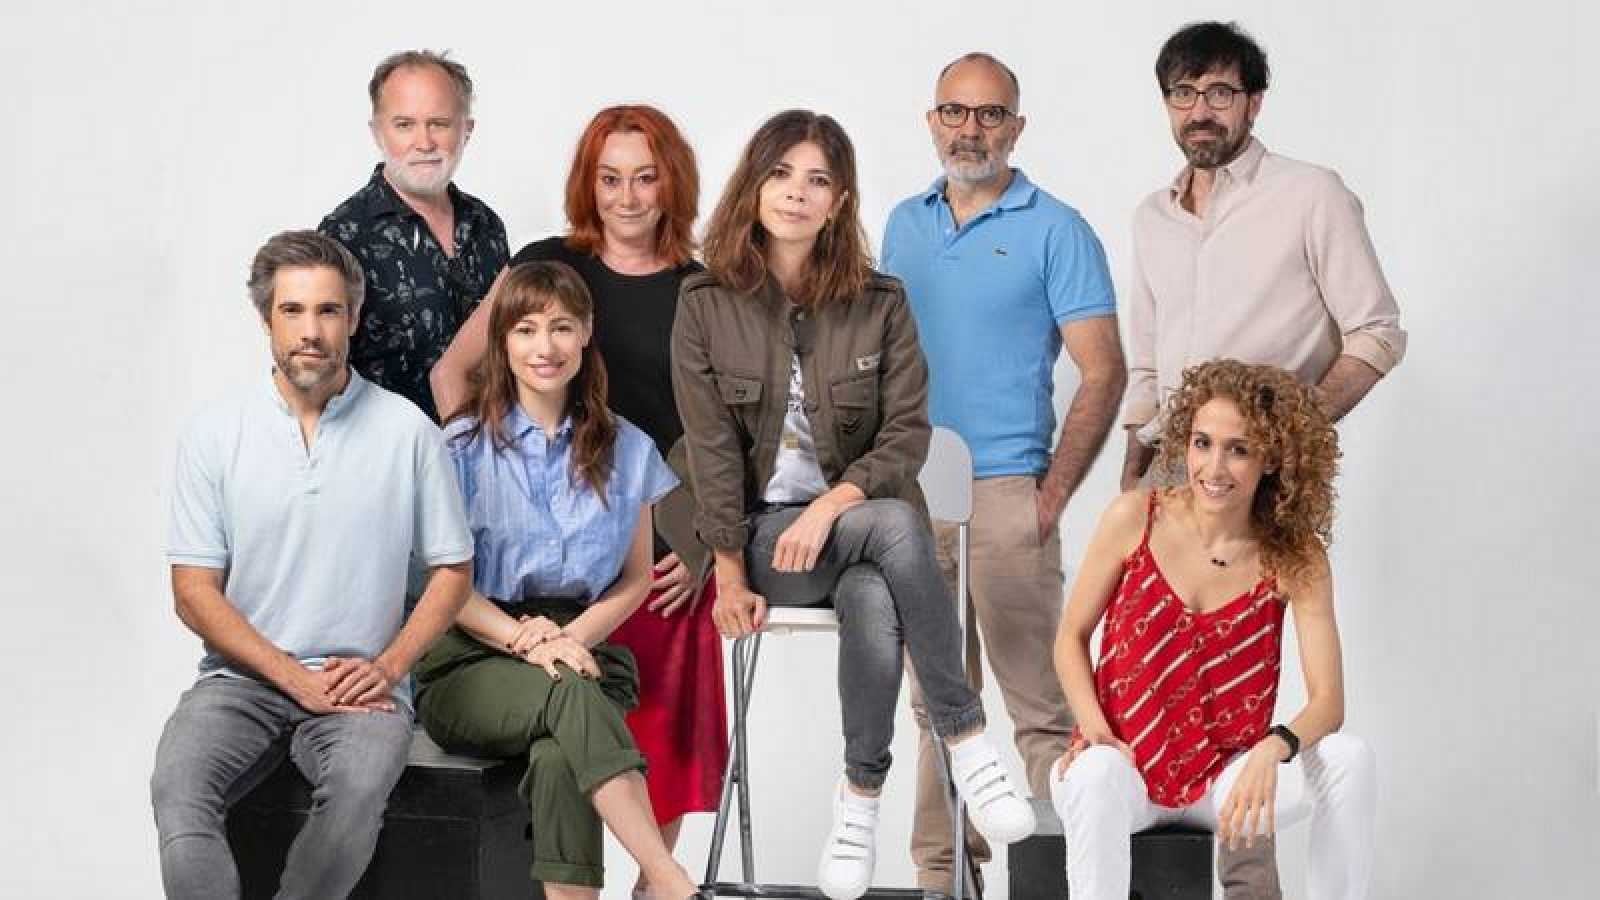 Comienza el rodaje de 'Ana Tramel. El juego' | RTVE.es